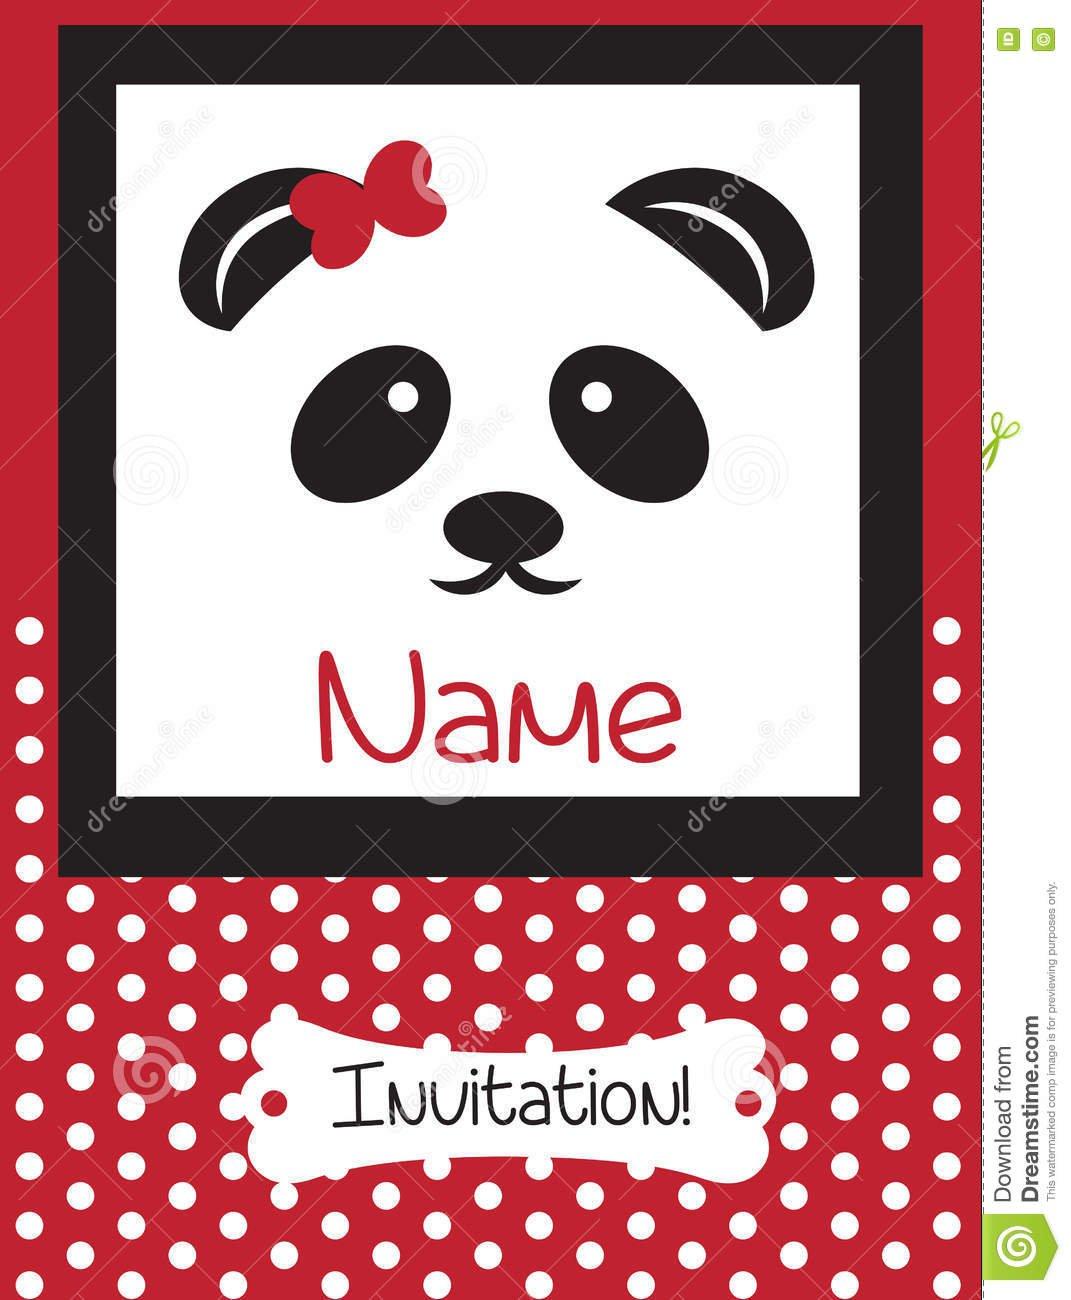 Design Your Invitation Card